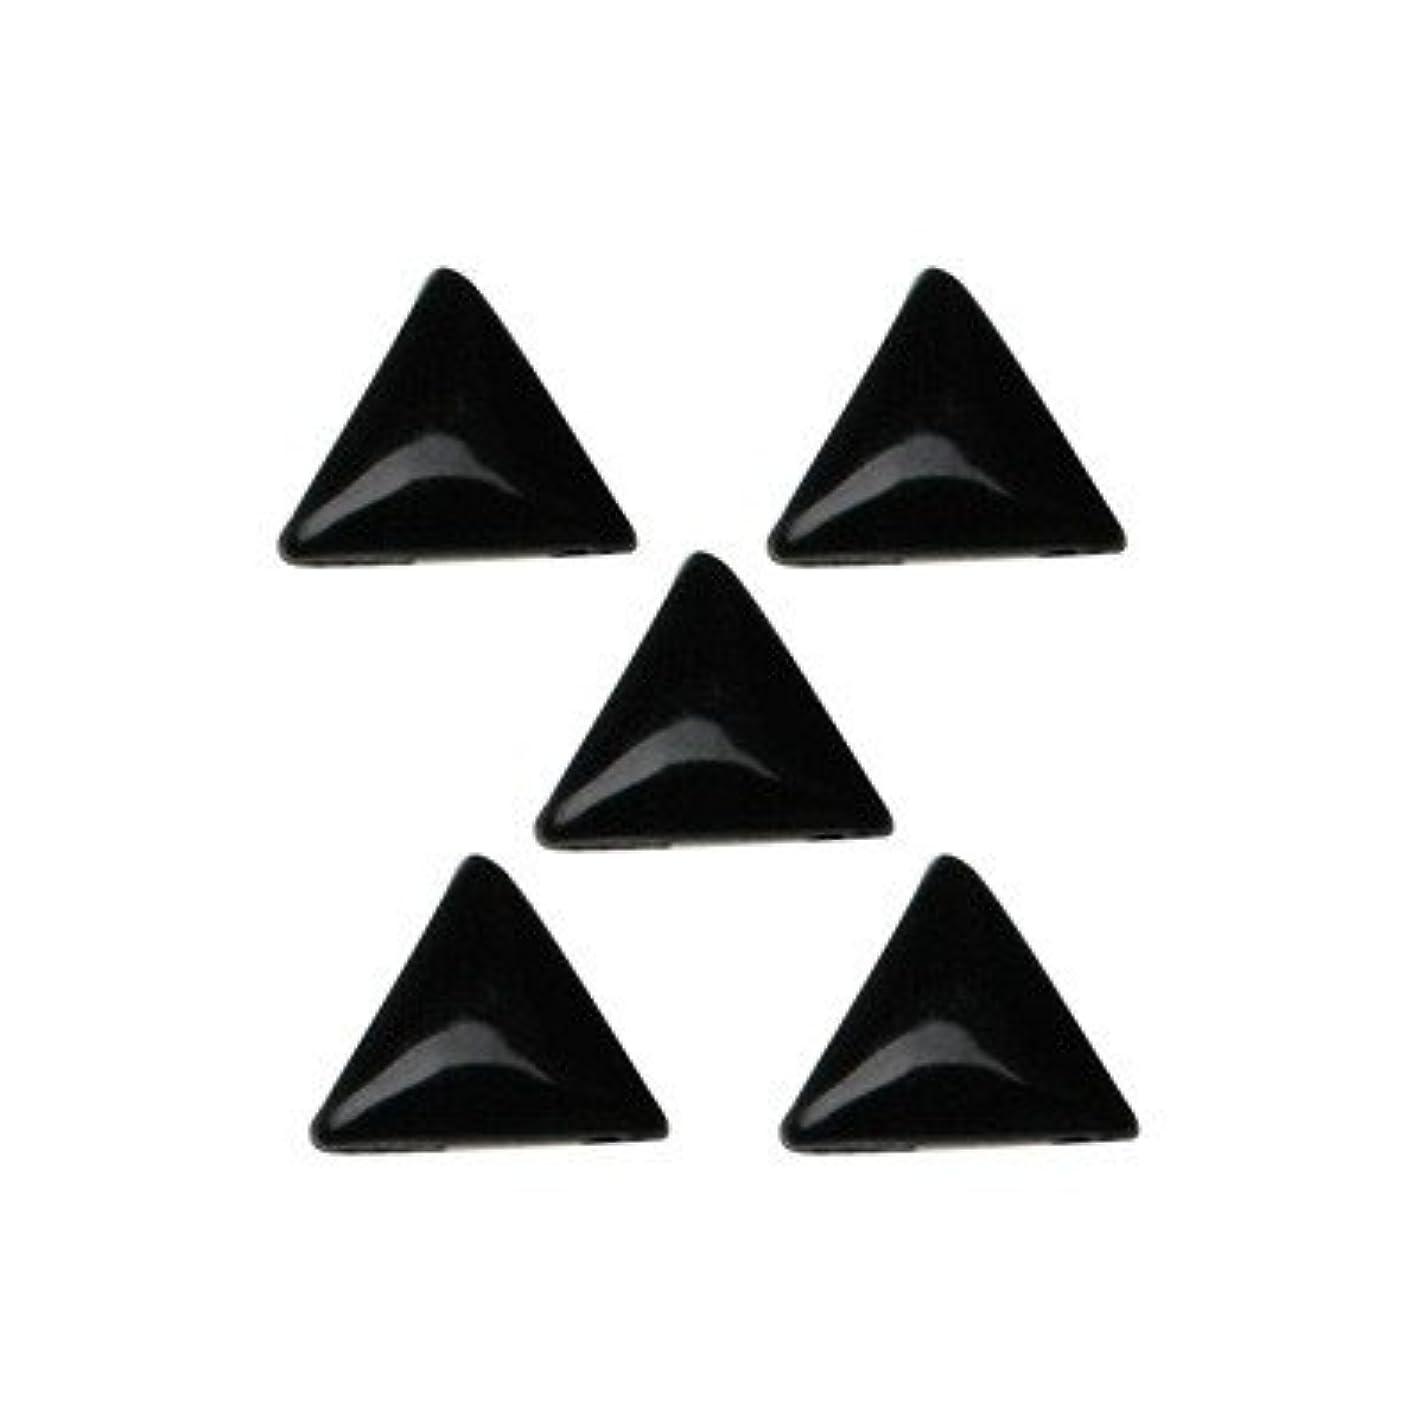 文芸なぜ静かにB151 エムプティ プレミアムスタッズ made in Japan/トライアングル 3×3mm